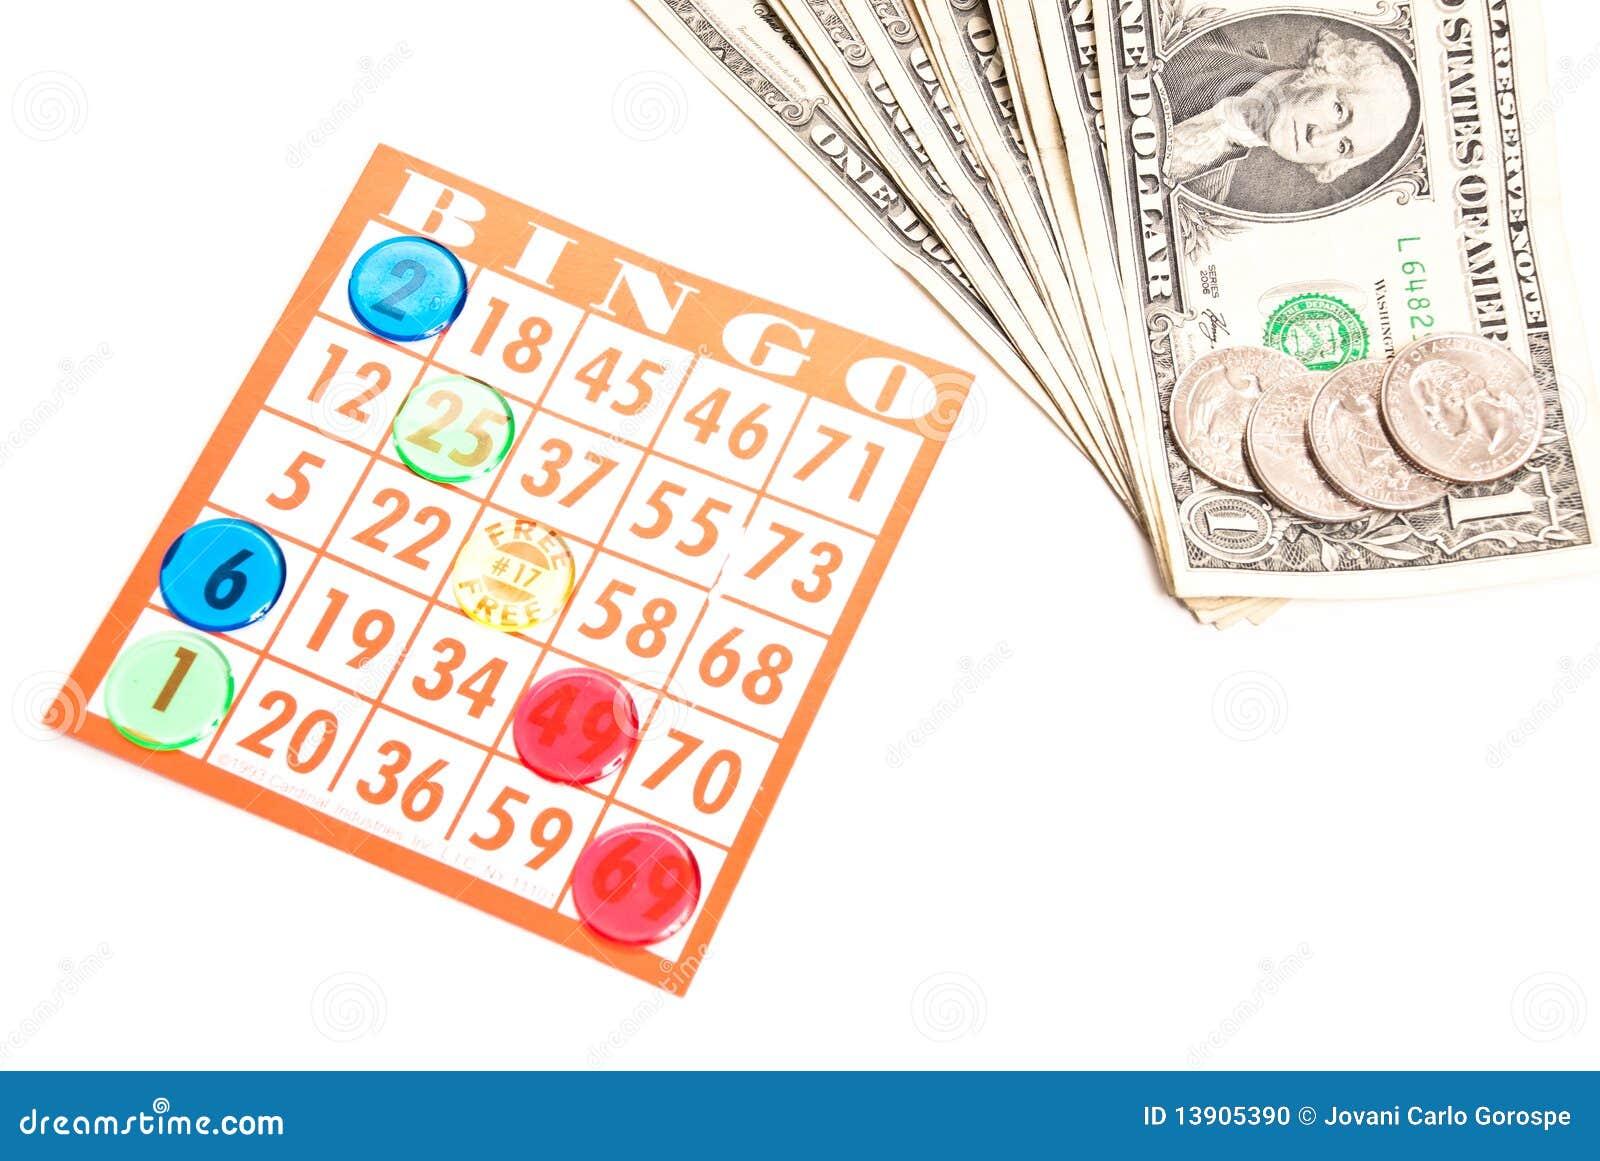 Gambling bingo online